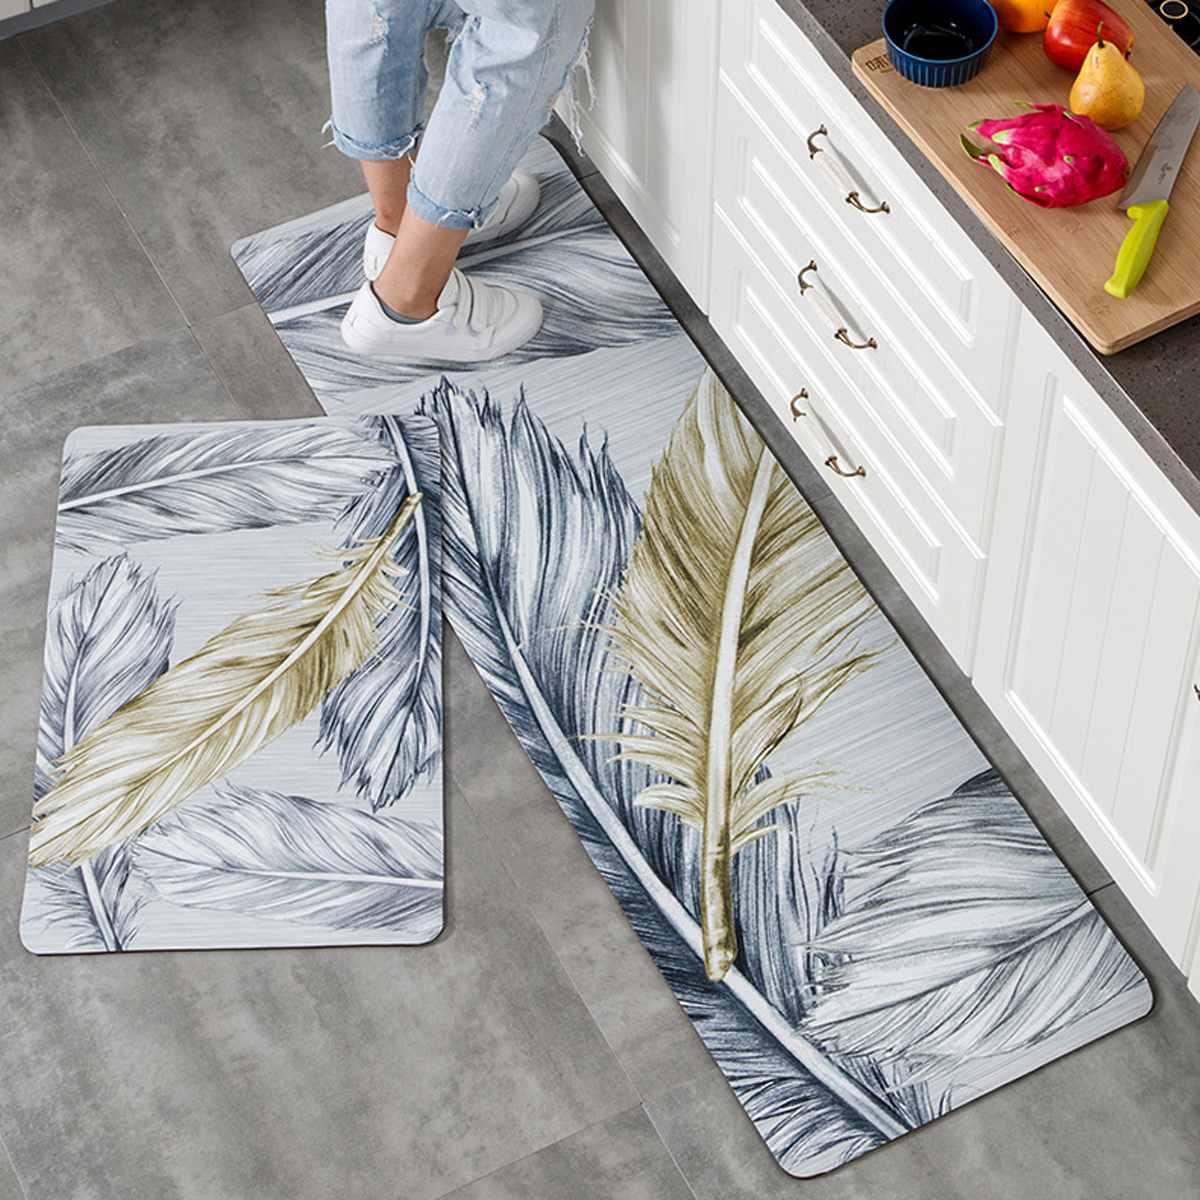 Us 12 99 40 Off Kitchen Carpets Pvc Floor Mats Large Floor Carpets Doormats Bedroom Tatami Waterproof Oilproof Kitchen Rugs In Mat From Home